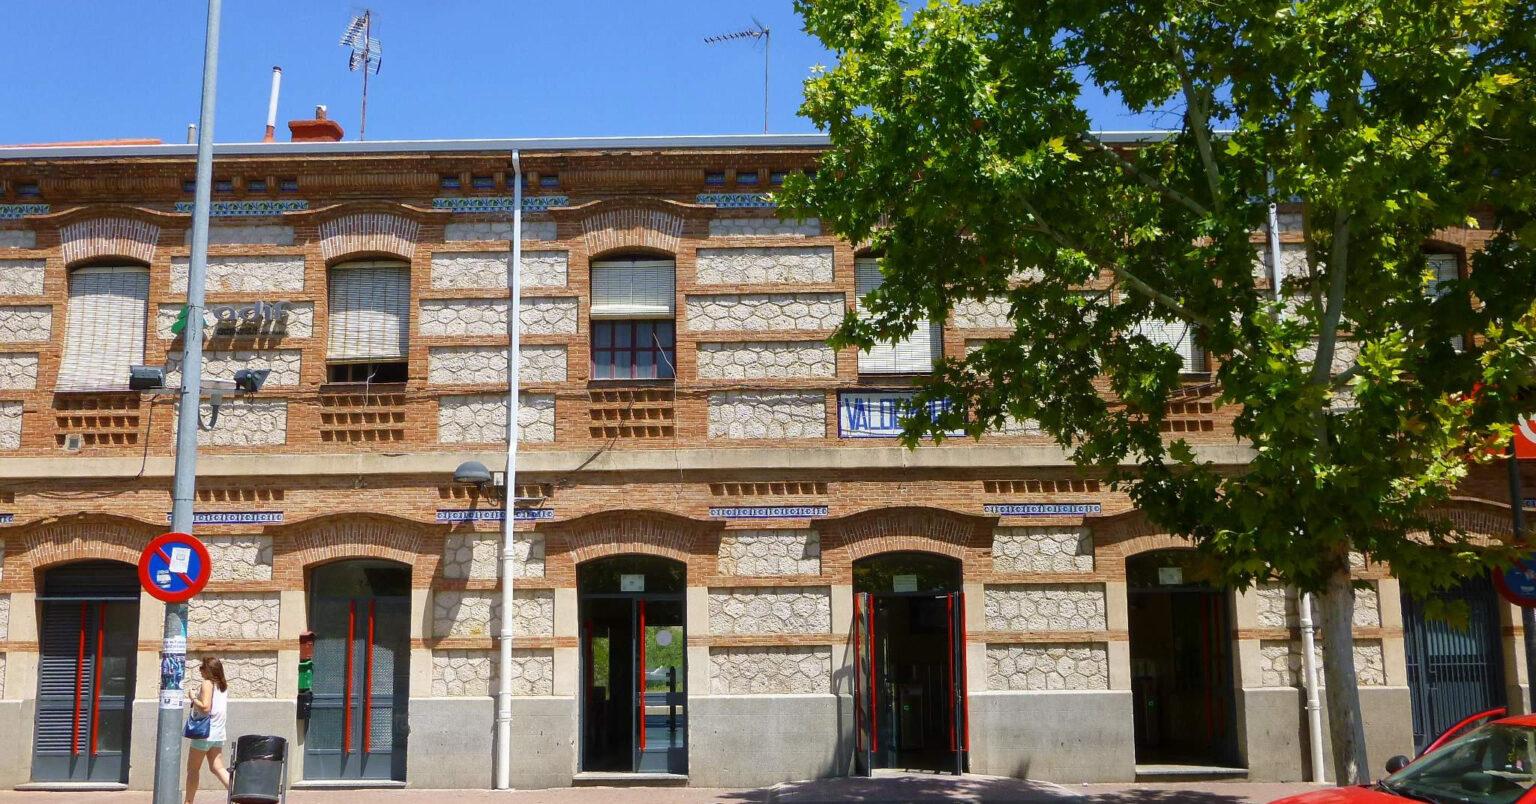 Fachada principal del edificio de la estación de Valdemoro, cuyo mantenimiento se incluye en esta oferta de empleo de ALSA. ZARATEMAN